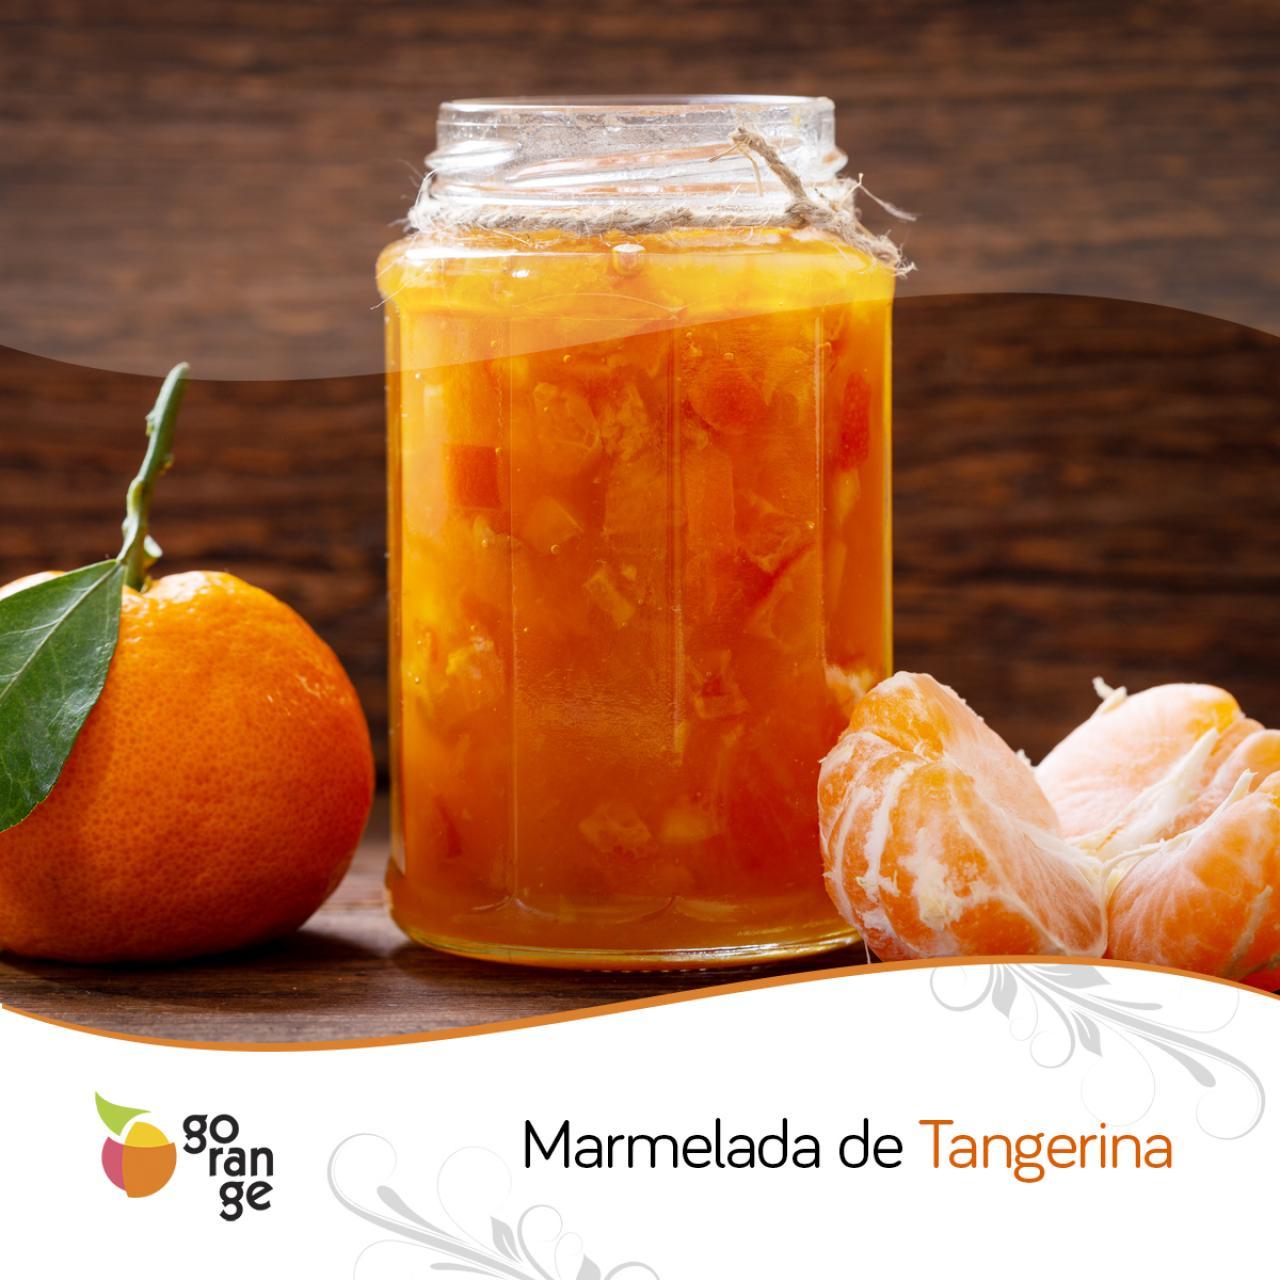 Marmelada de Tangerina